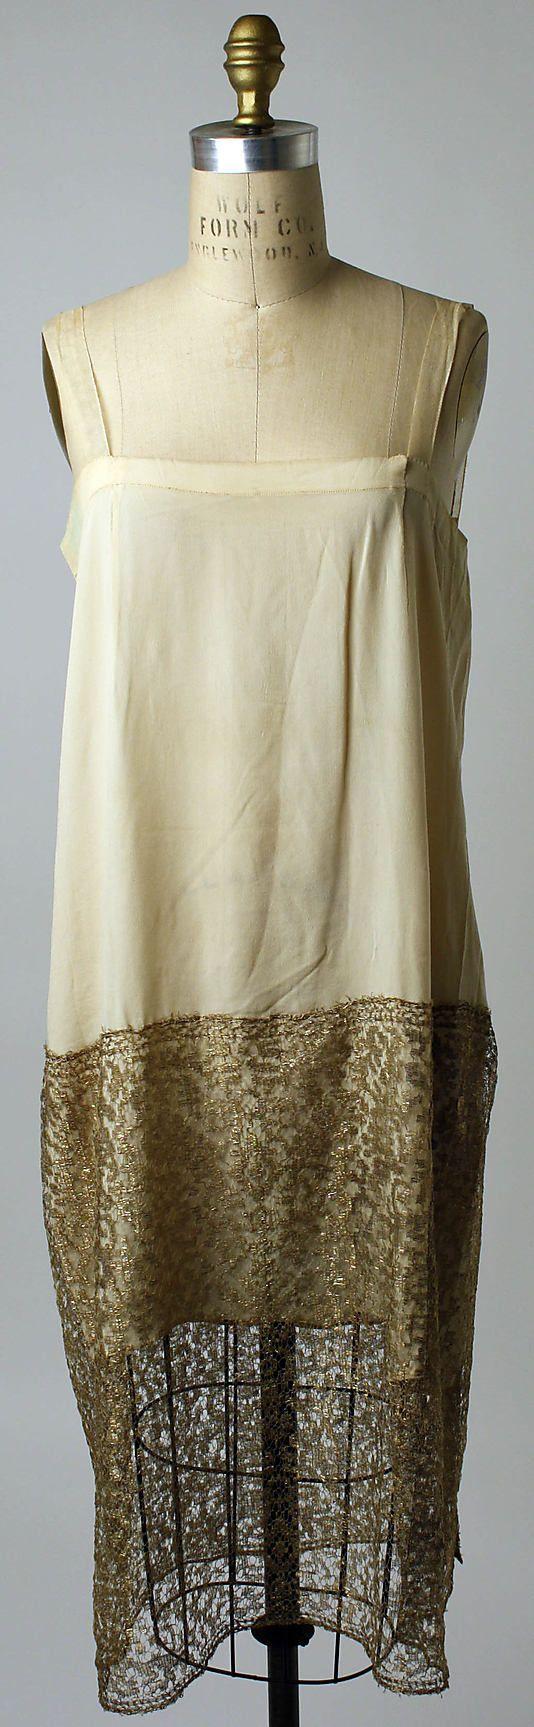 slip, 1926-28, silk, cotton, metallic thread